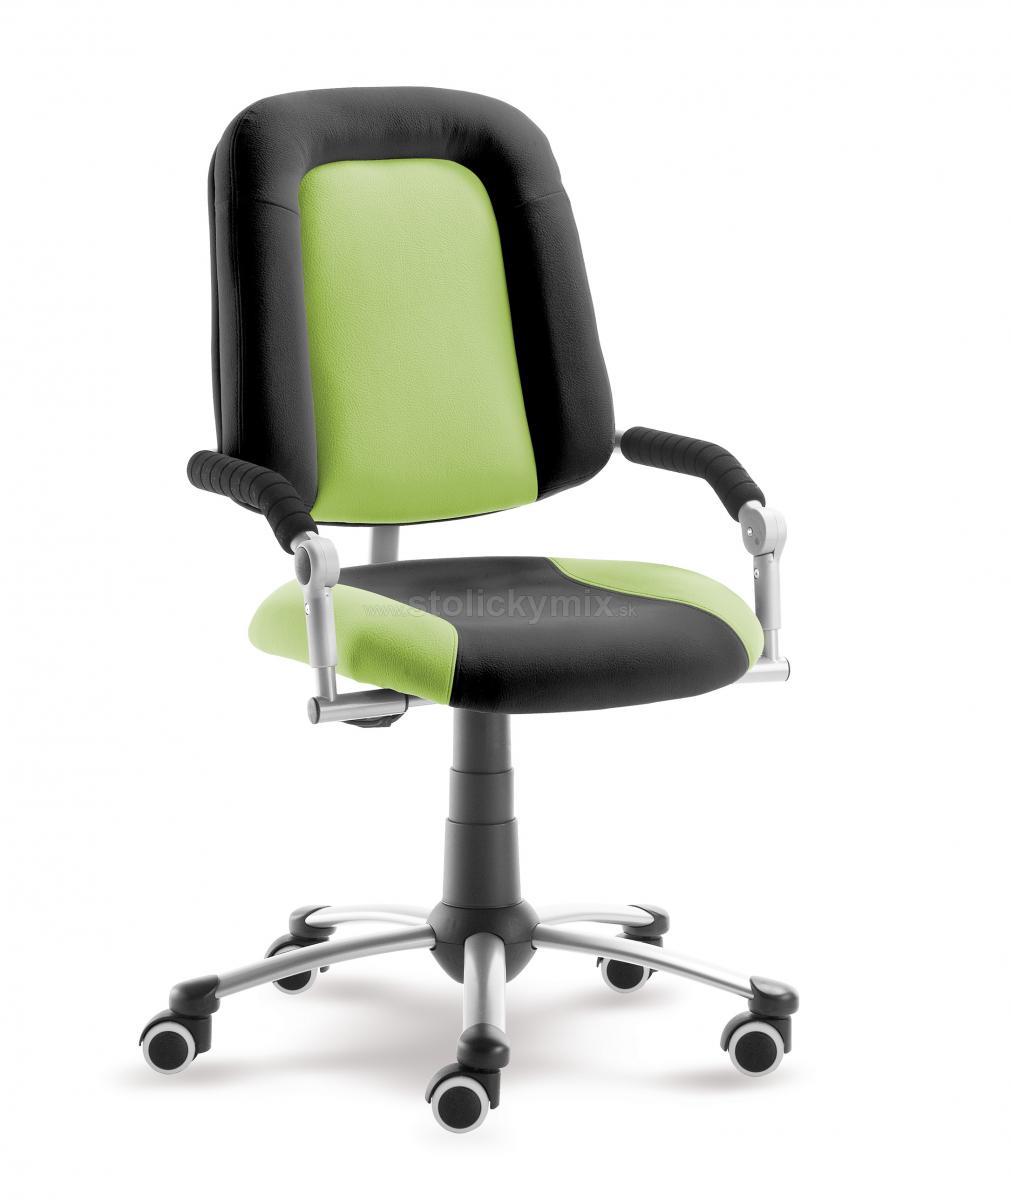 ca854984148a8 Detská rastúca otočná stolička Mayer 2430 FREAKY-SPORT 396 | VV MIX ...